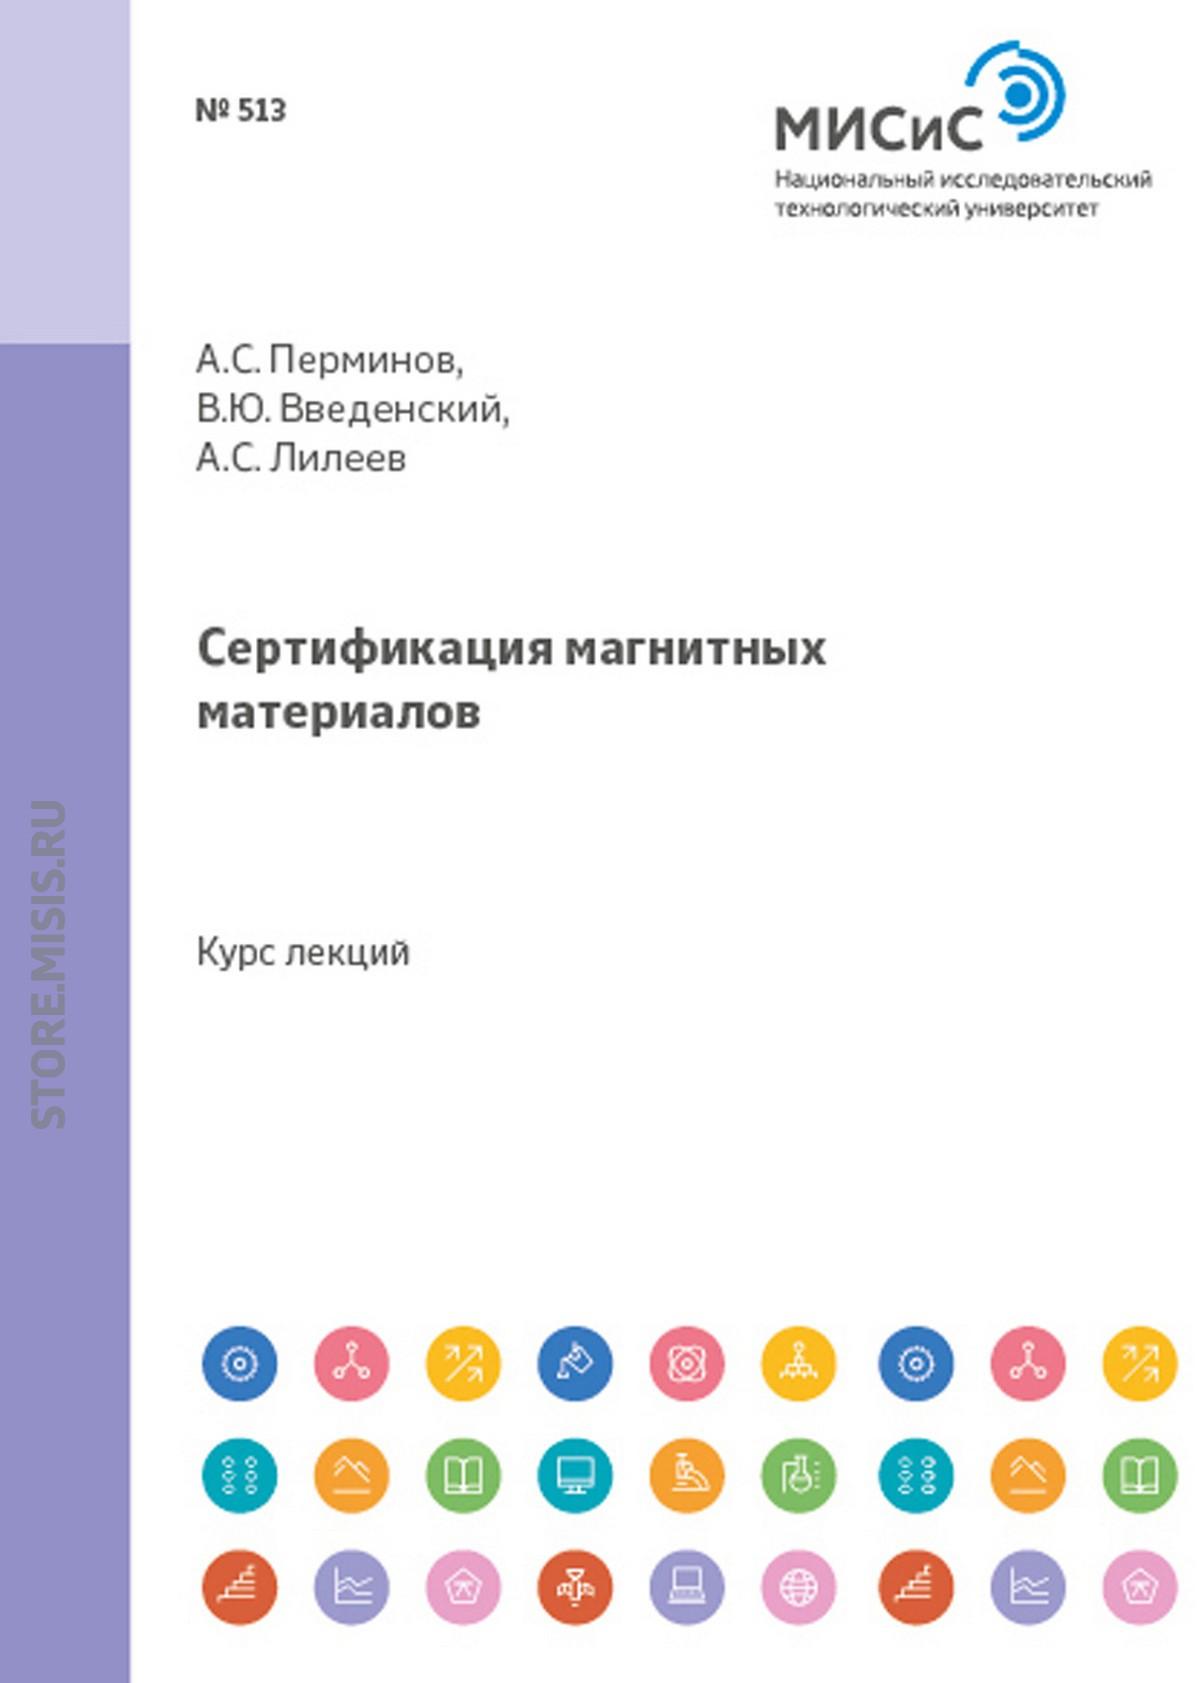 В. Ю. Введенский Сертификация магнитных материалов